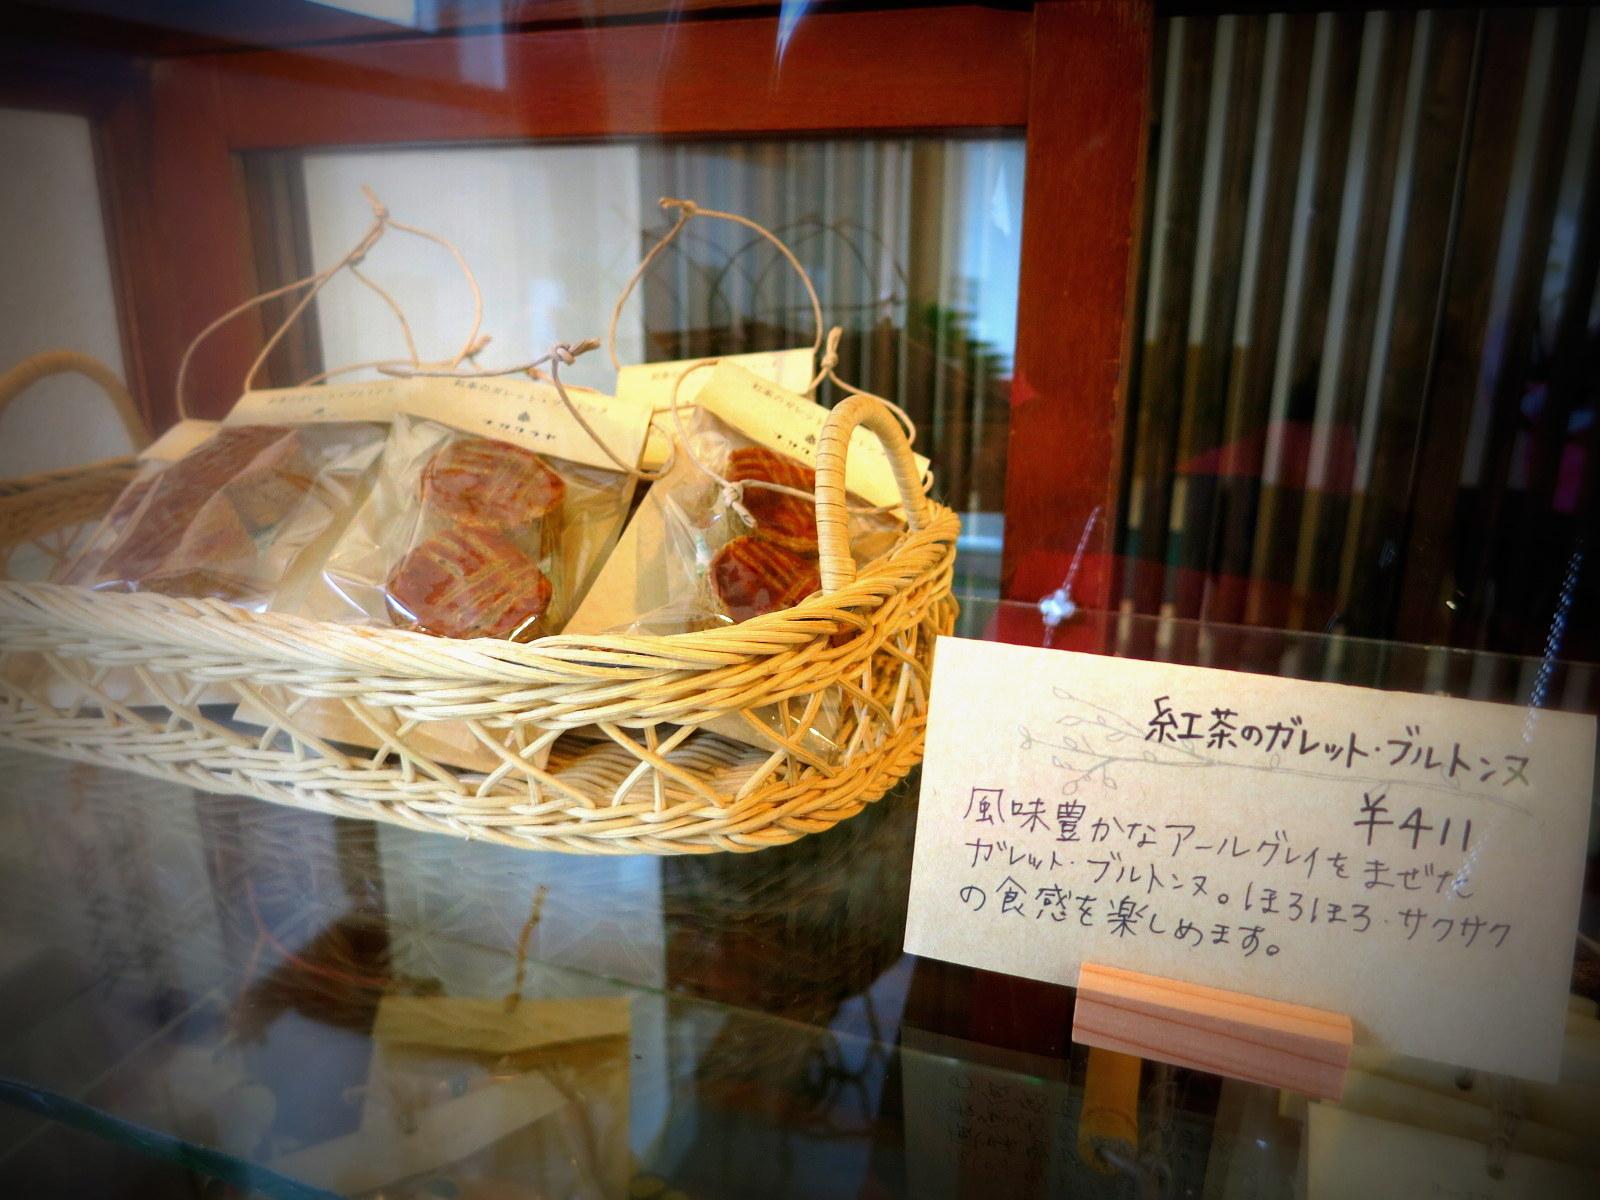 ナガクラヤ-NAGAKURAYA- ☆ 移転OPEN!_f0236260_20423131.jpg